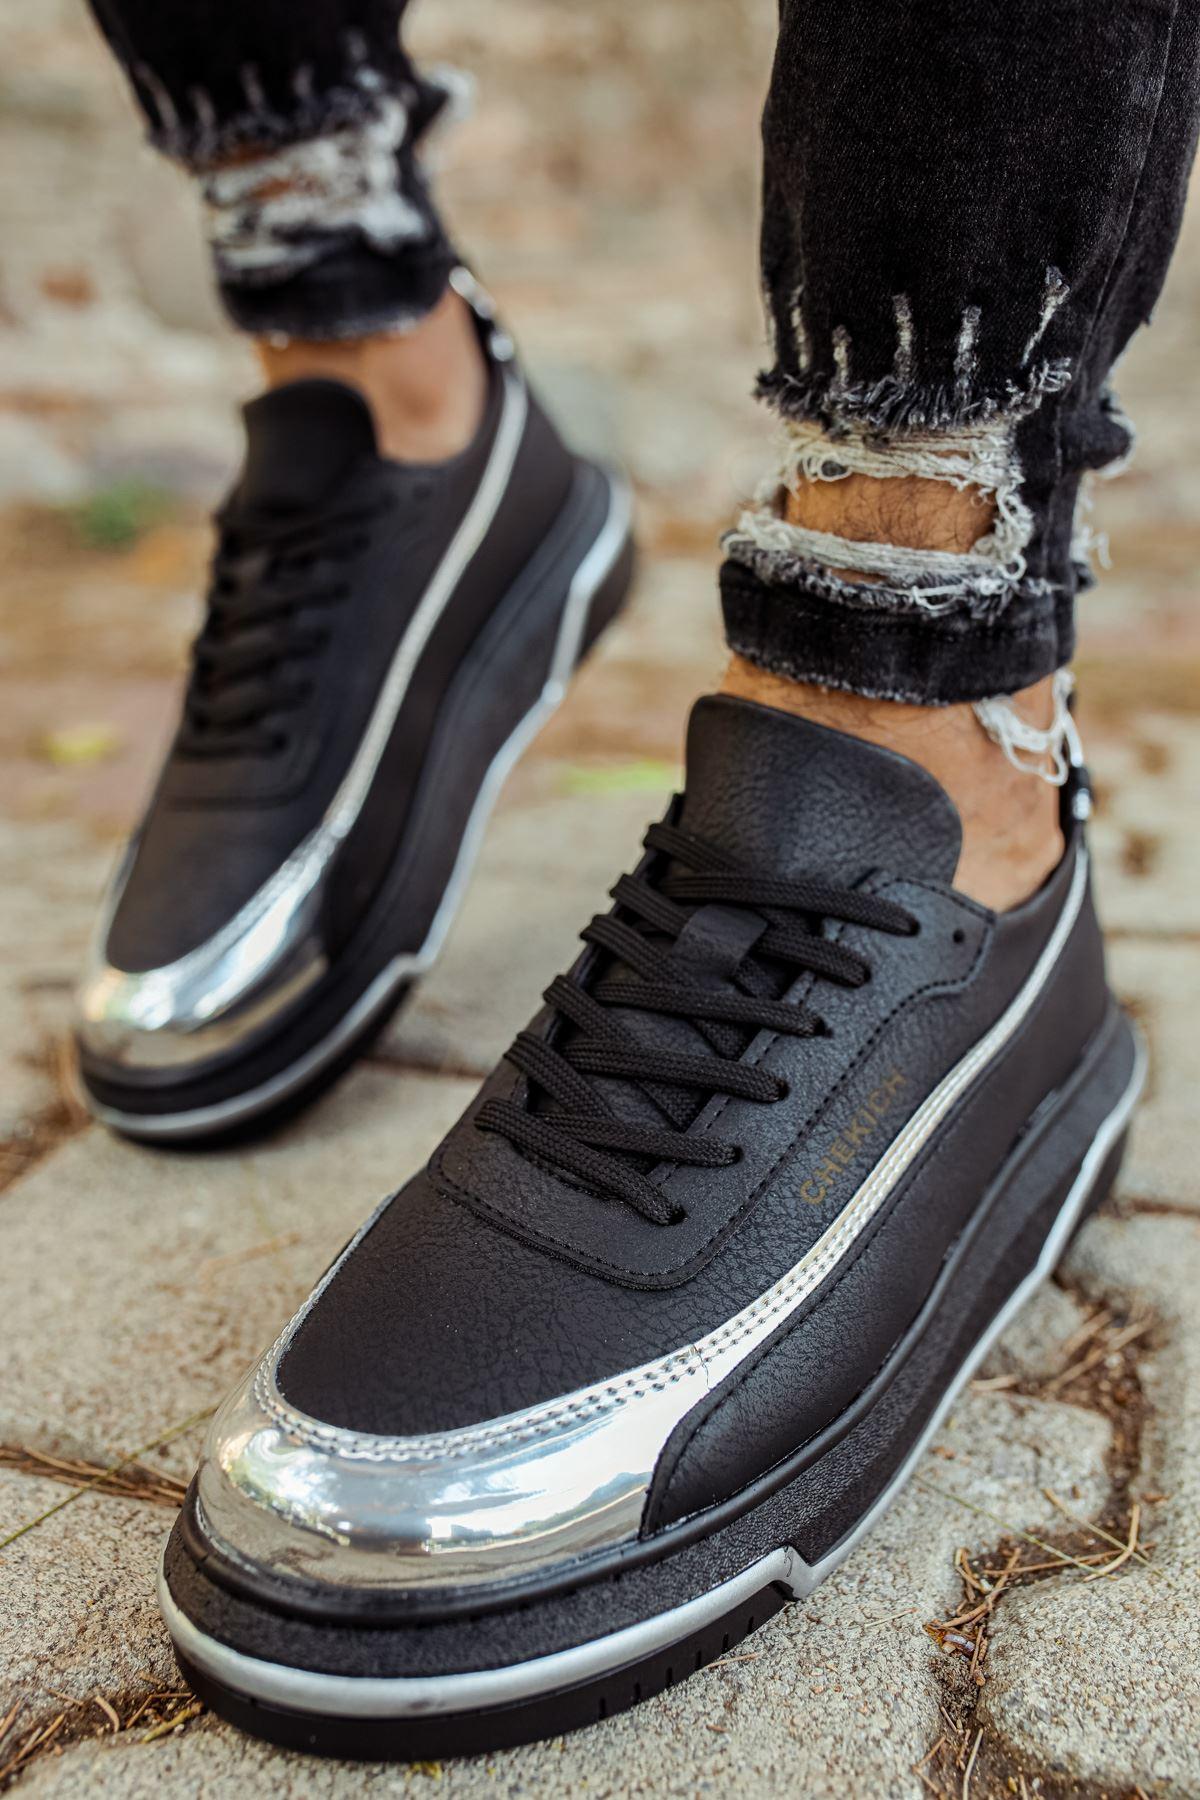 Chekich CH041 ST Erkek Ayakkabı SİYAH/GUMUS